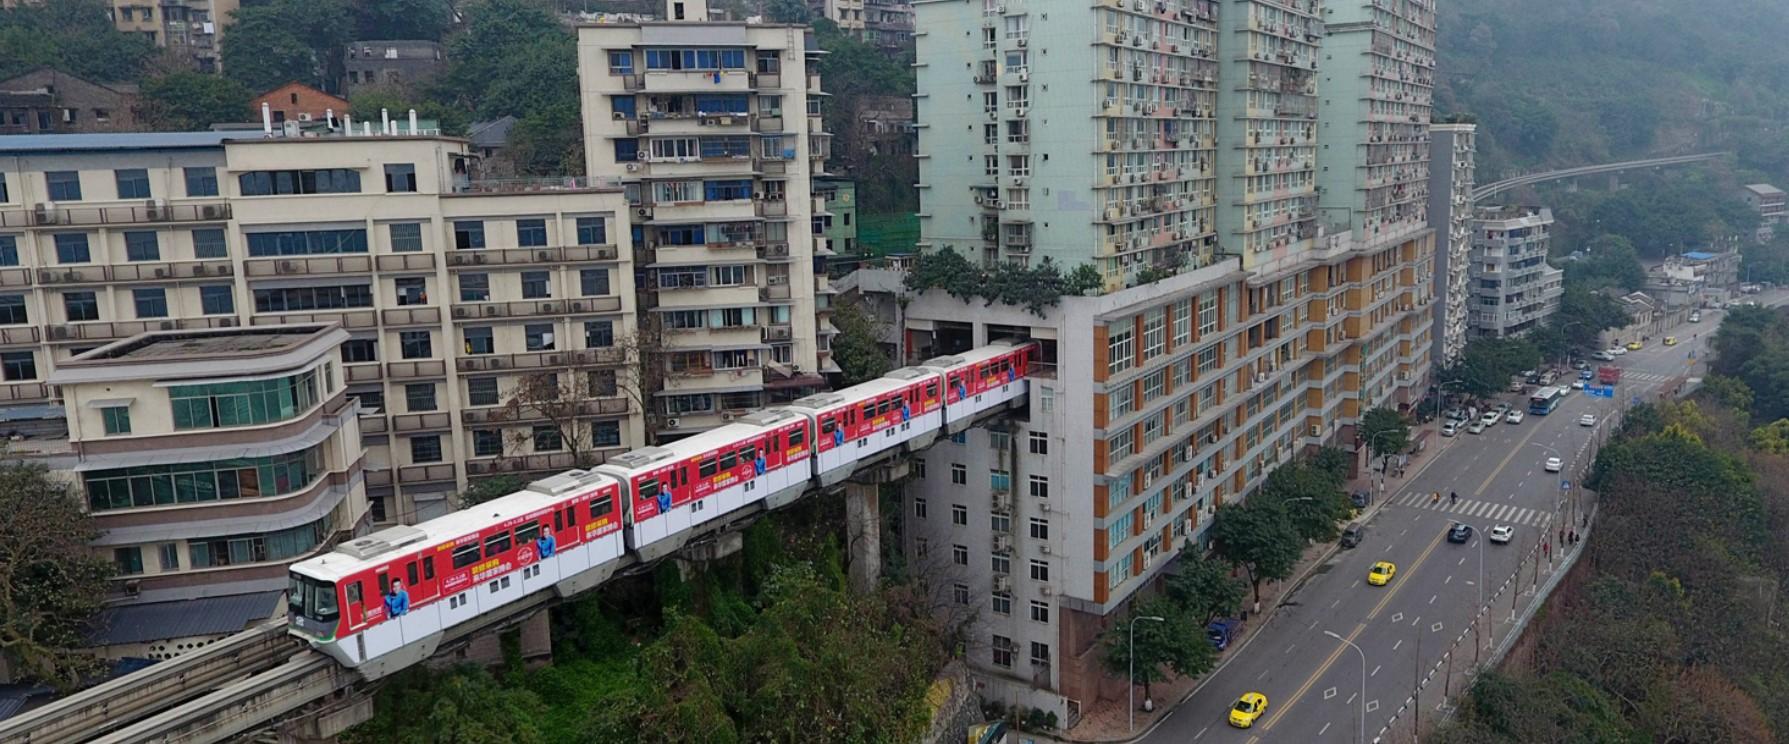 У китайському місті Чунцин всередині будинку побудували станцію монорельсу (відео) 5